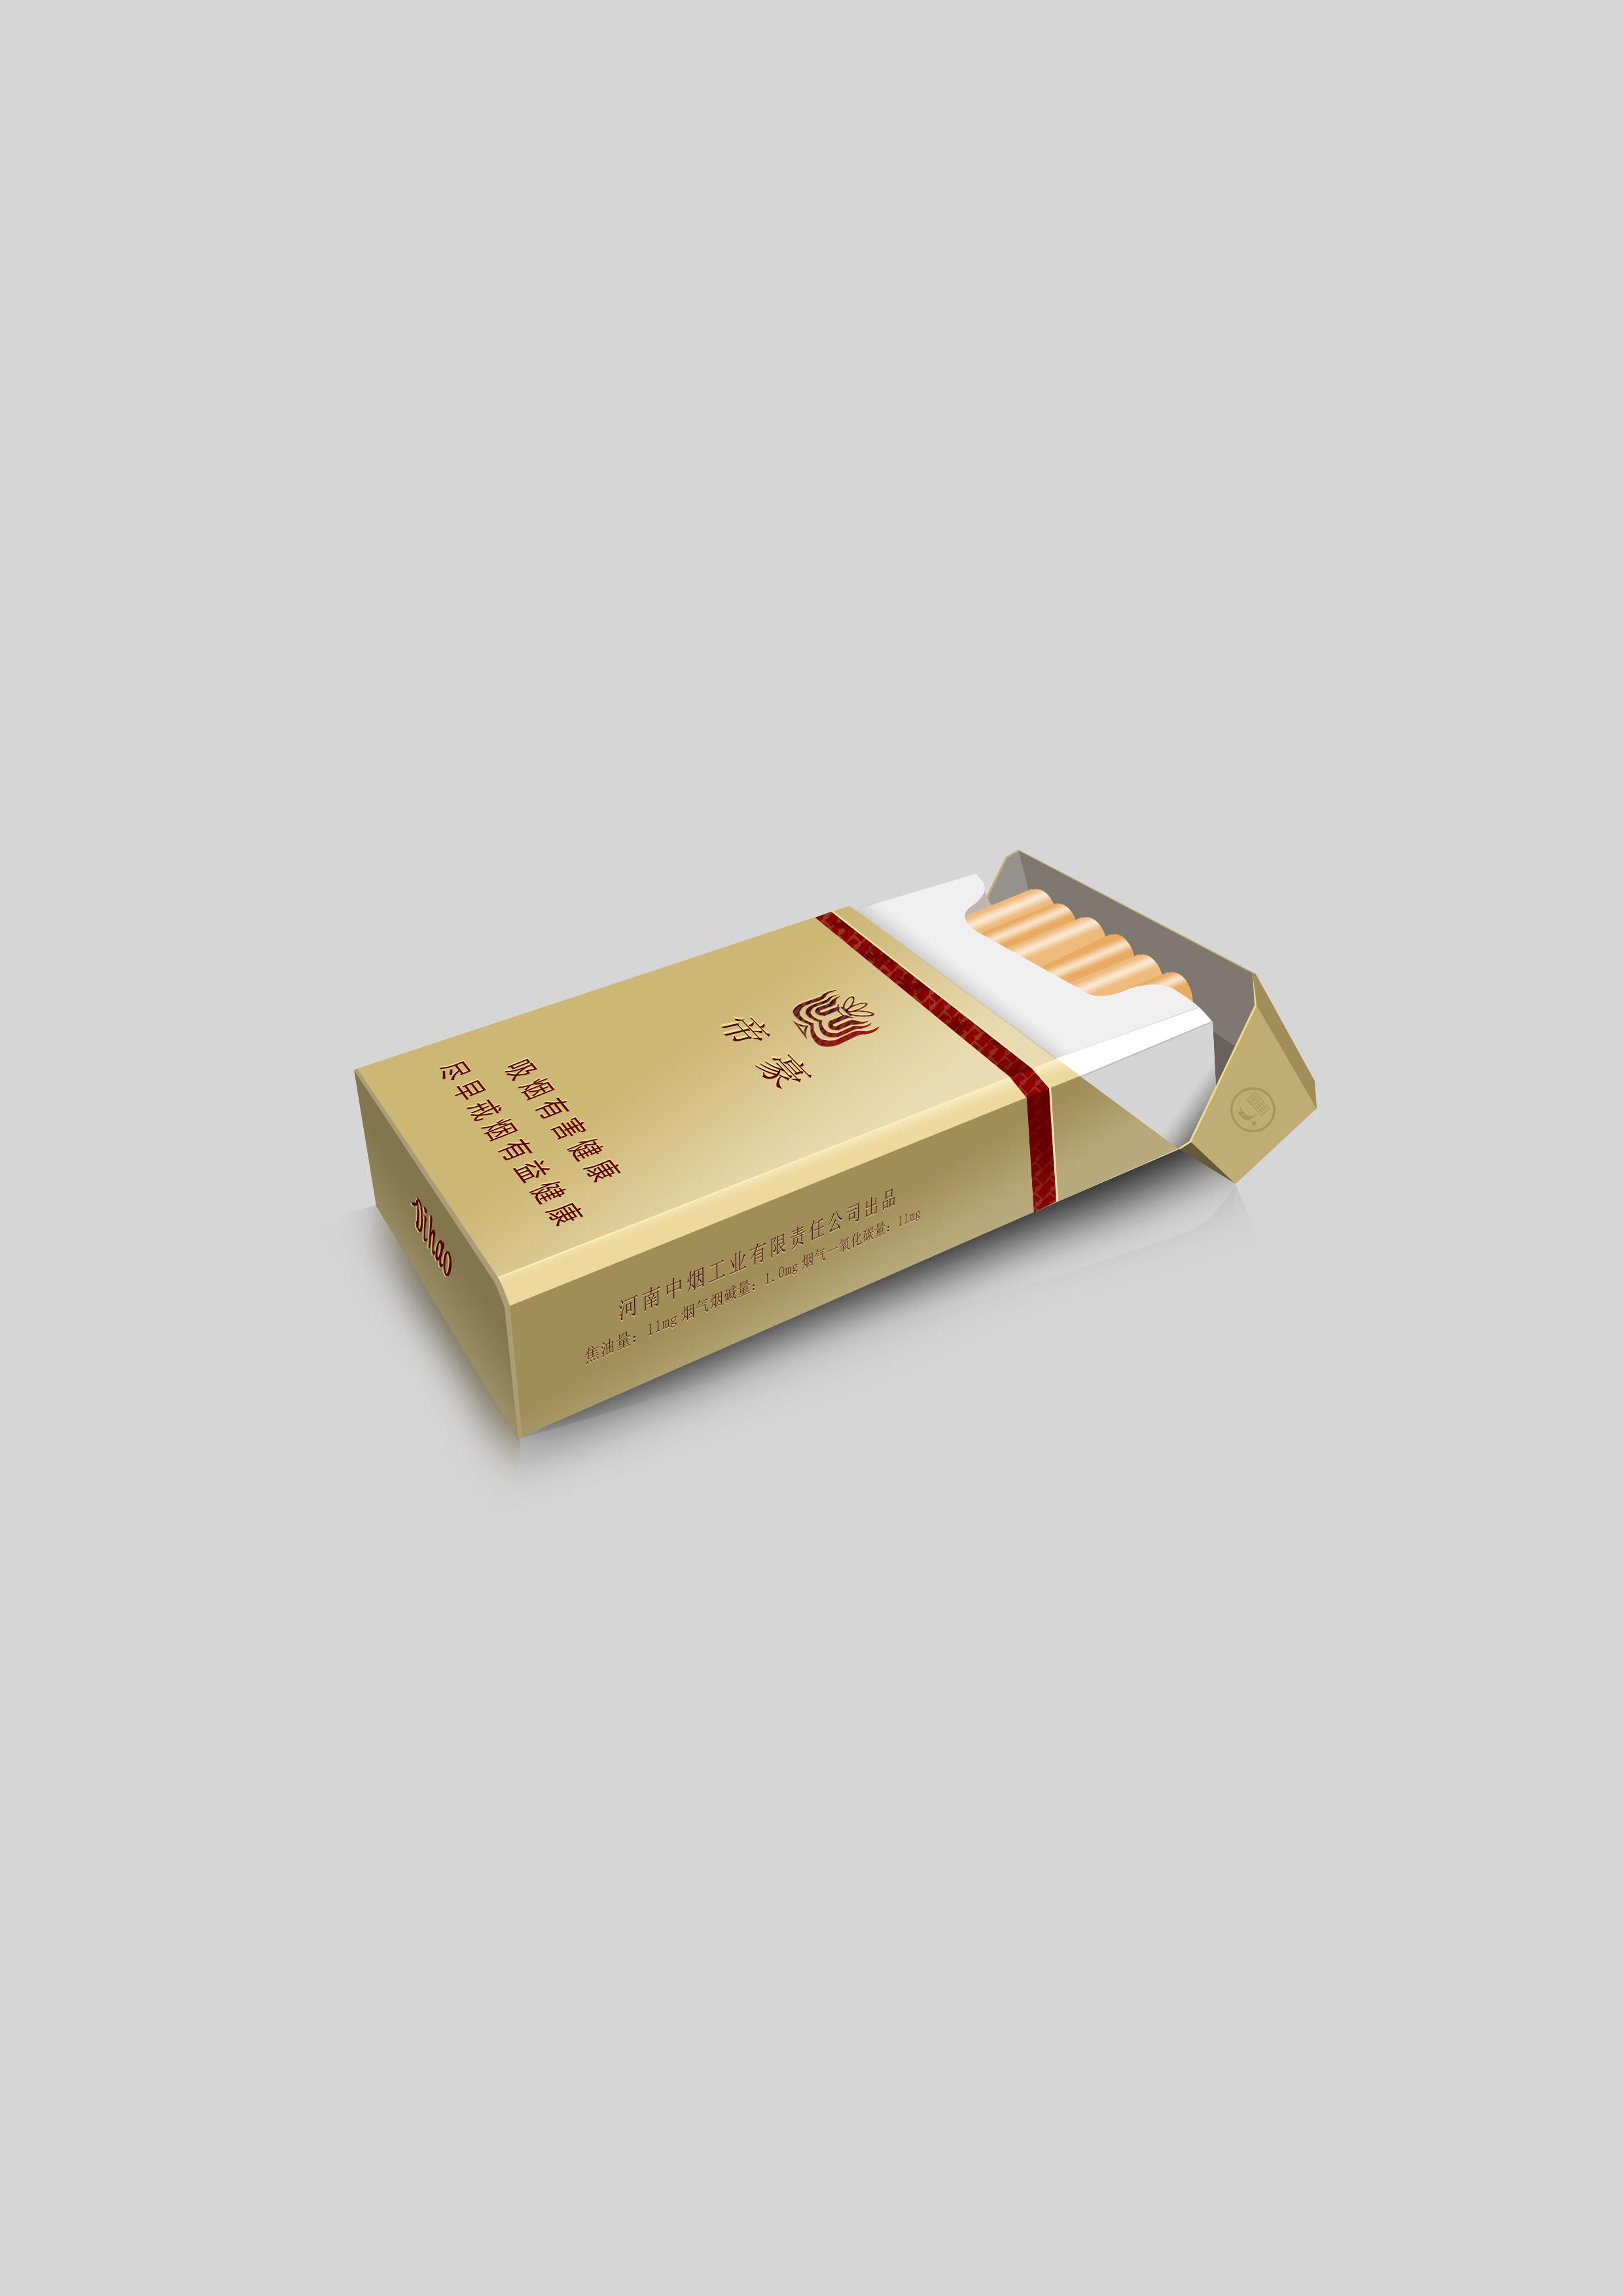 大烟盒手工制作汽车